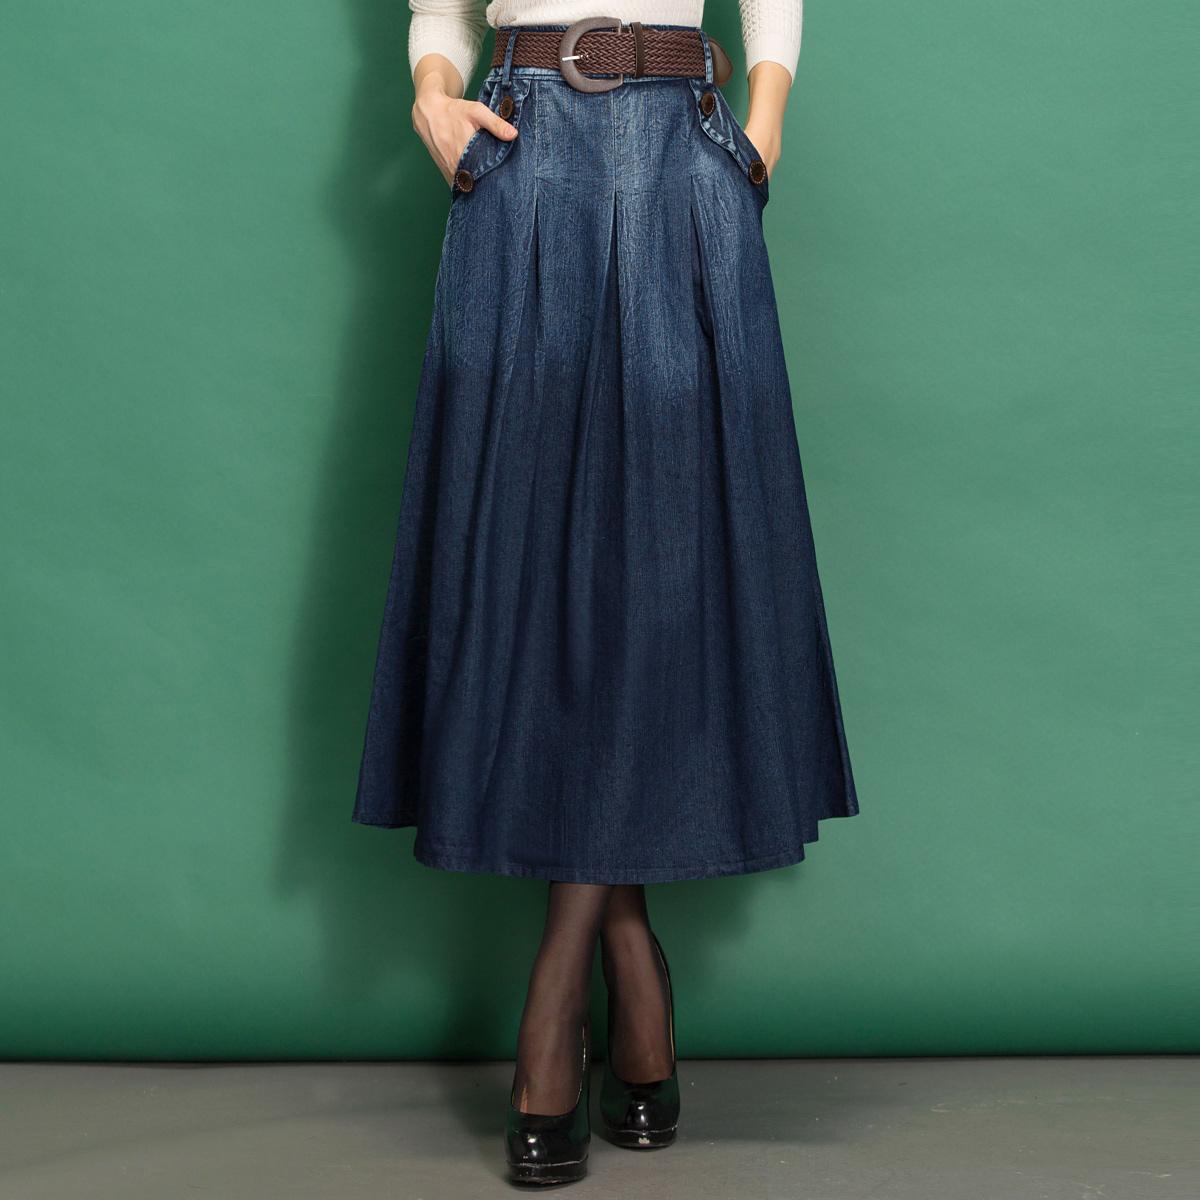 中长款牛仔半身裙女夏秋牛仔裙高腰a字半裙长款大码裙子夏季长裙